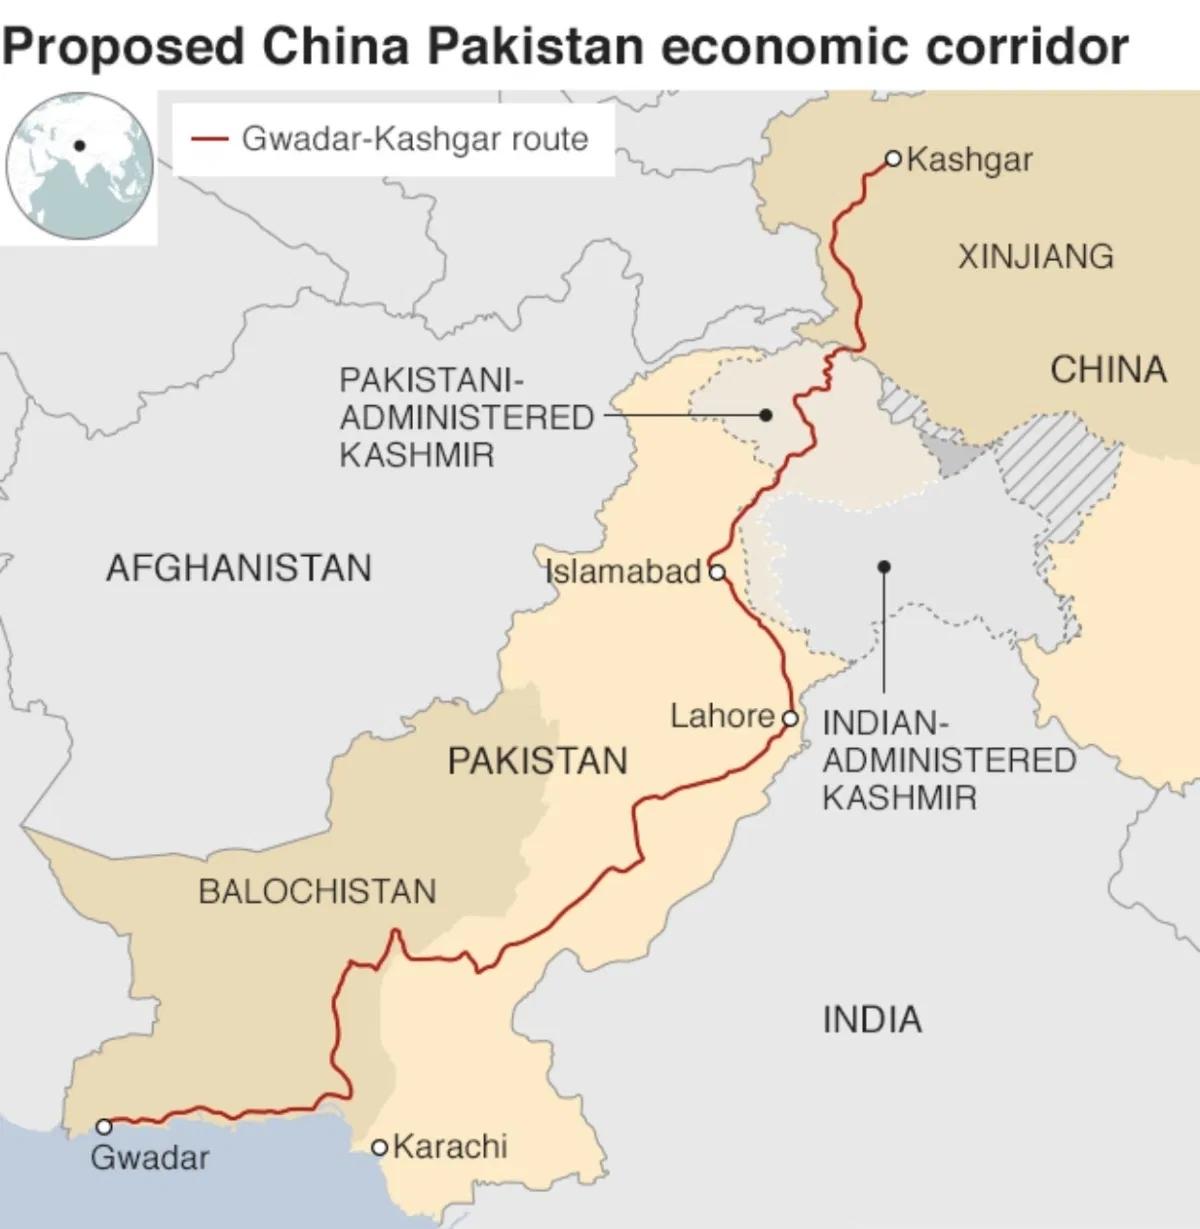 Đồ họa về Hành lang Kinh tế Trung Quốc-Pakistan. Đồ họa: Twitter.